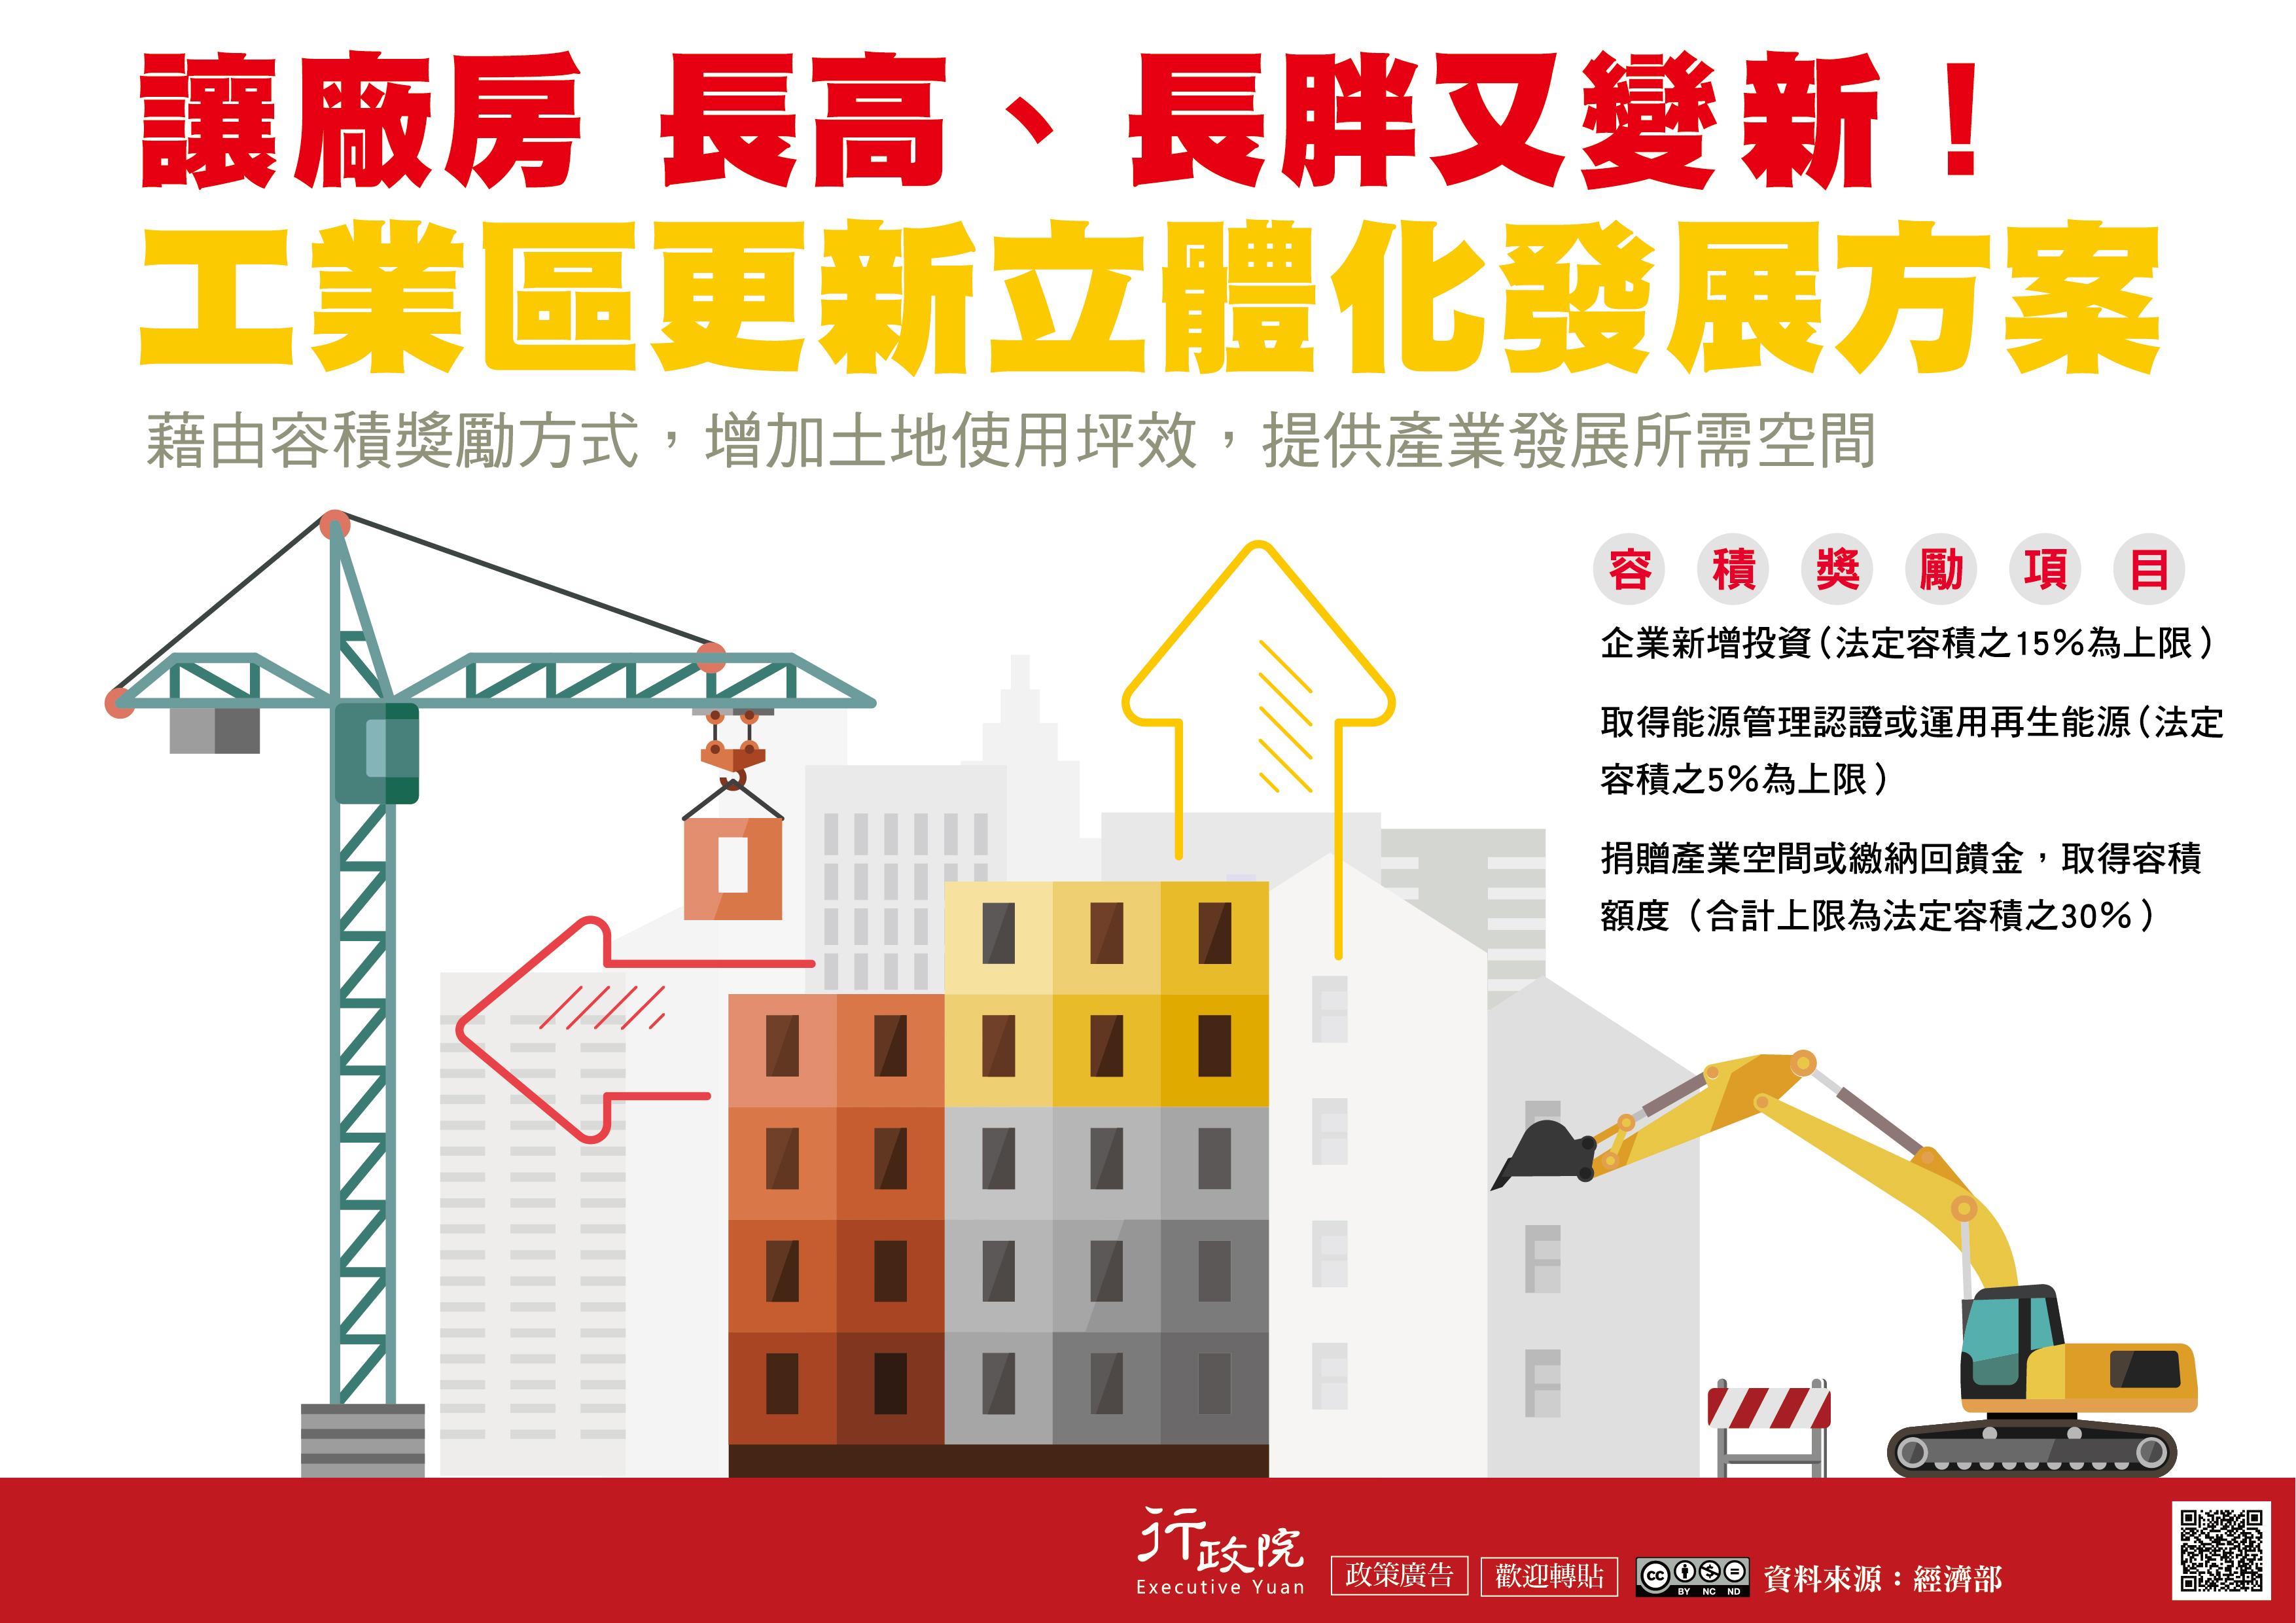 加速工業區的更新與立體化發展